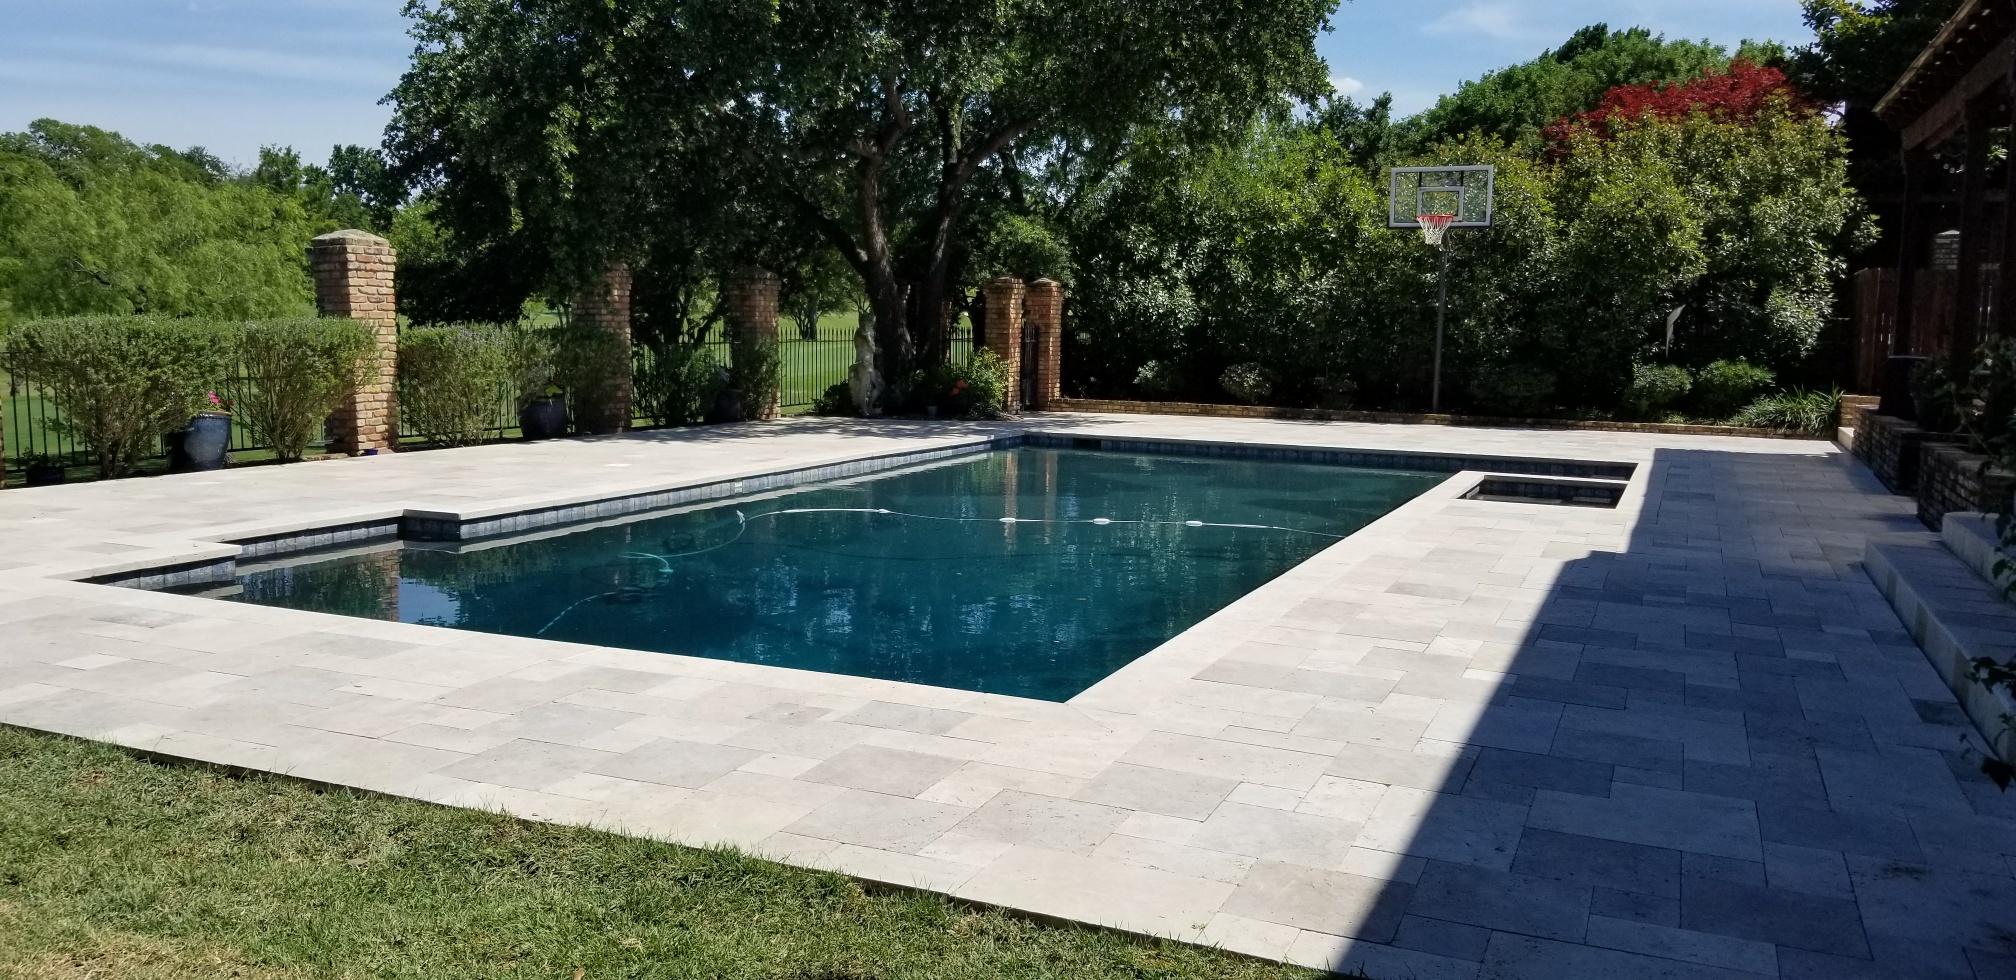 Landscape Architecture Dallas, Landscape Design Company, Landscape Drainage Contractor Dallas TX